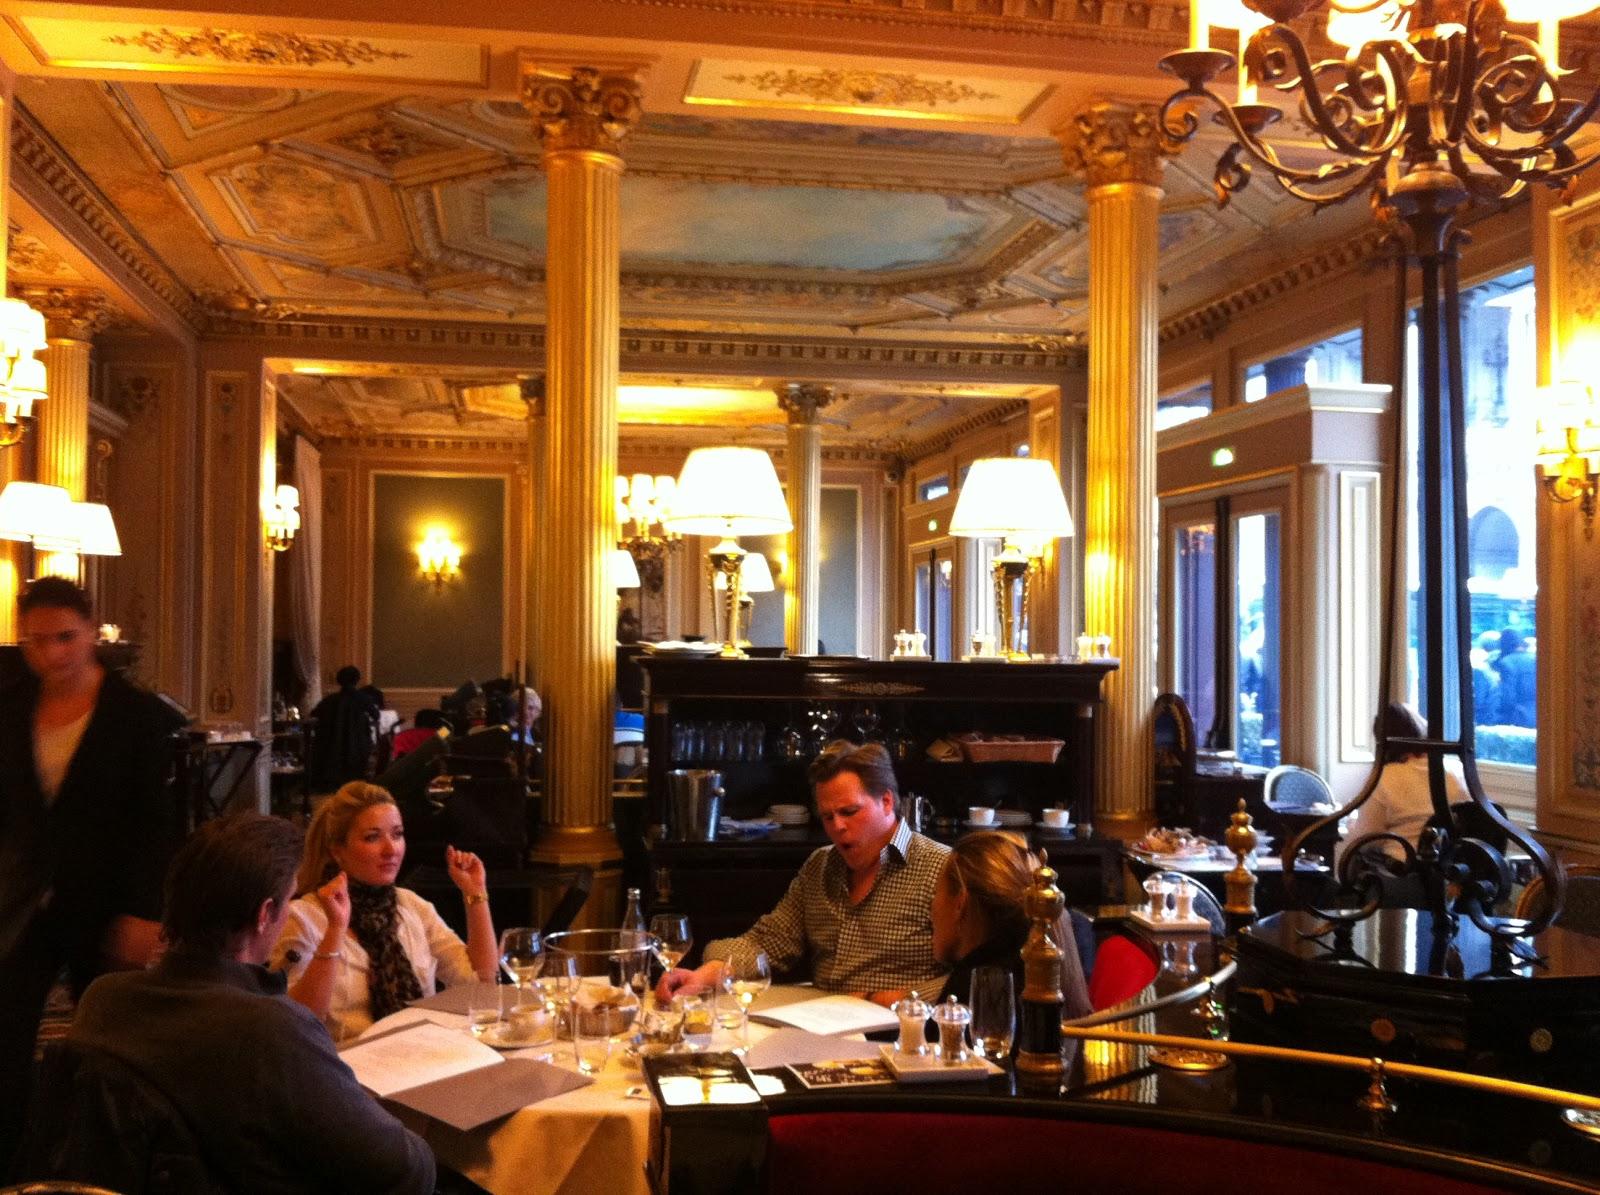 TASTE OF HAWAII: RESTAURANT CAFE DE LA PAIX - PARIS, LONDON